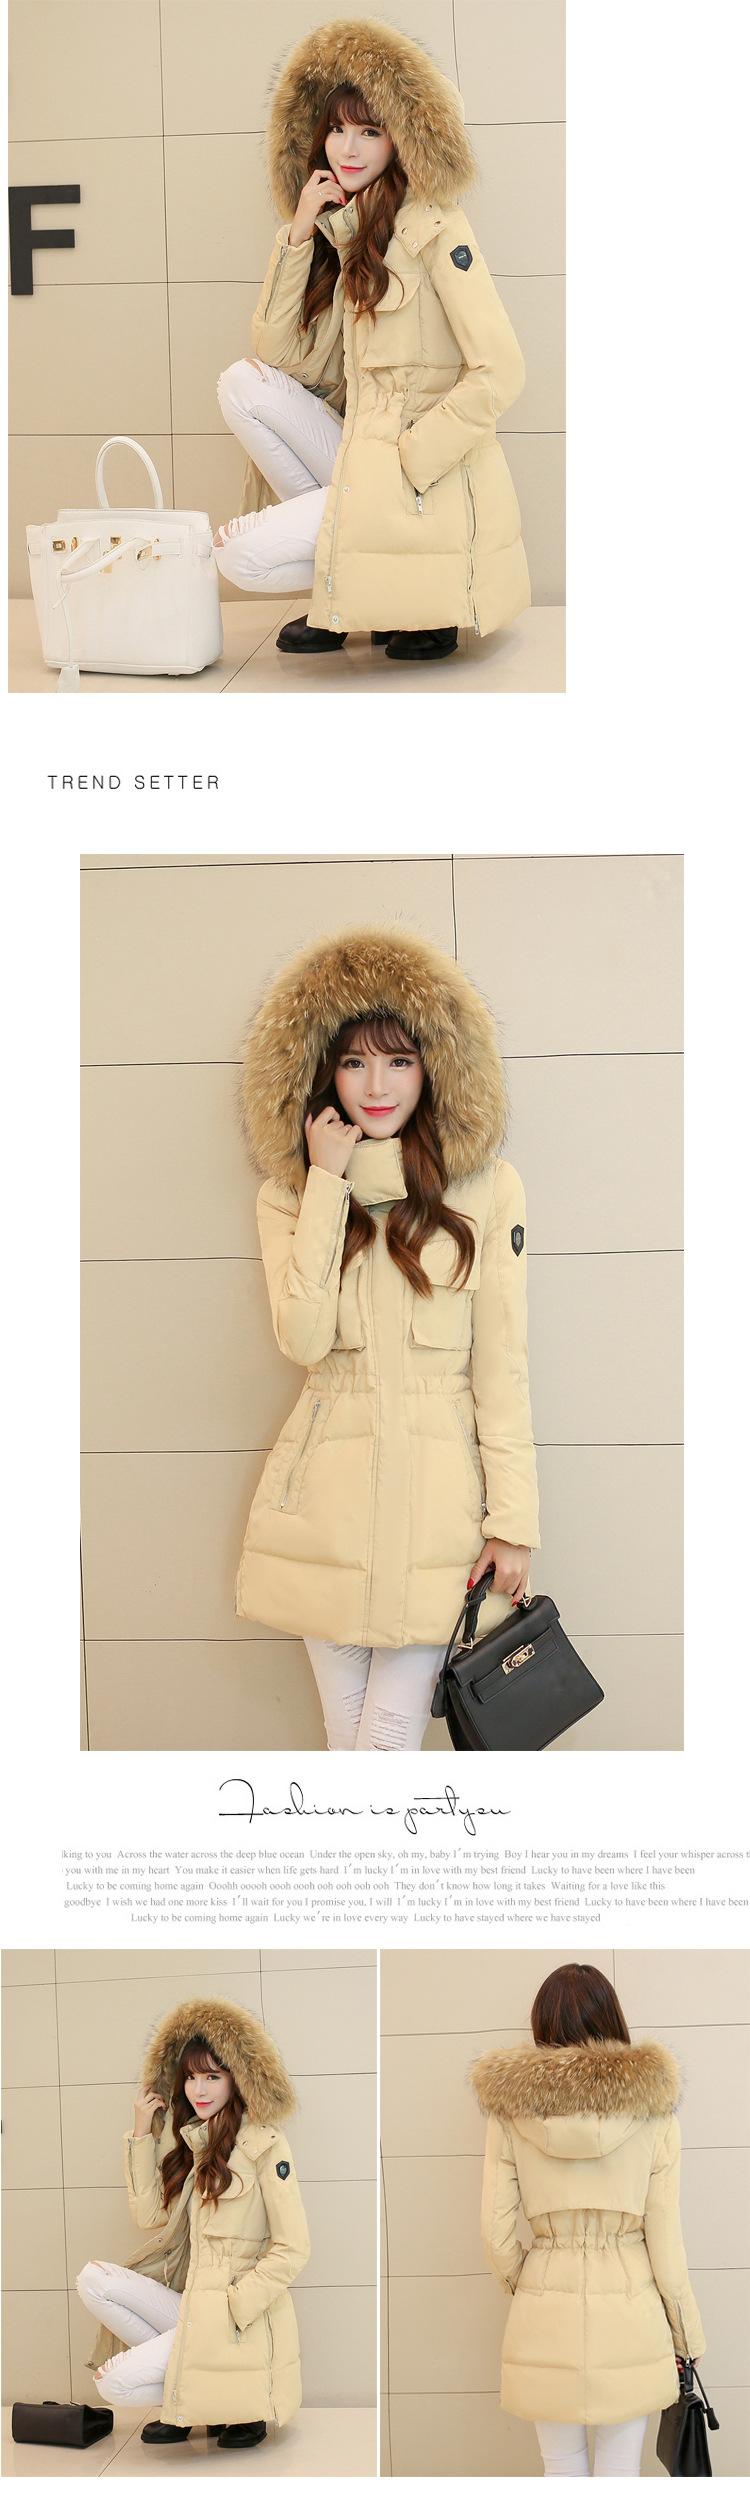 Скидки на Зимняя куртка женщин 2016 новый средней длины утолщение тонкий качество большой енот меховым воротником duck down пальто женские зимние верхняя одежда